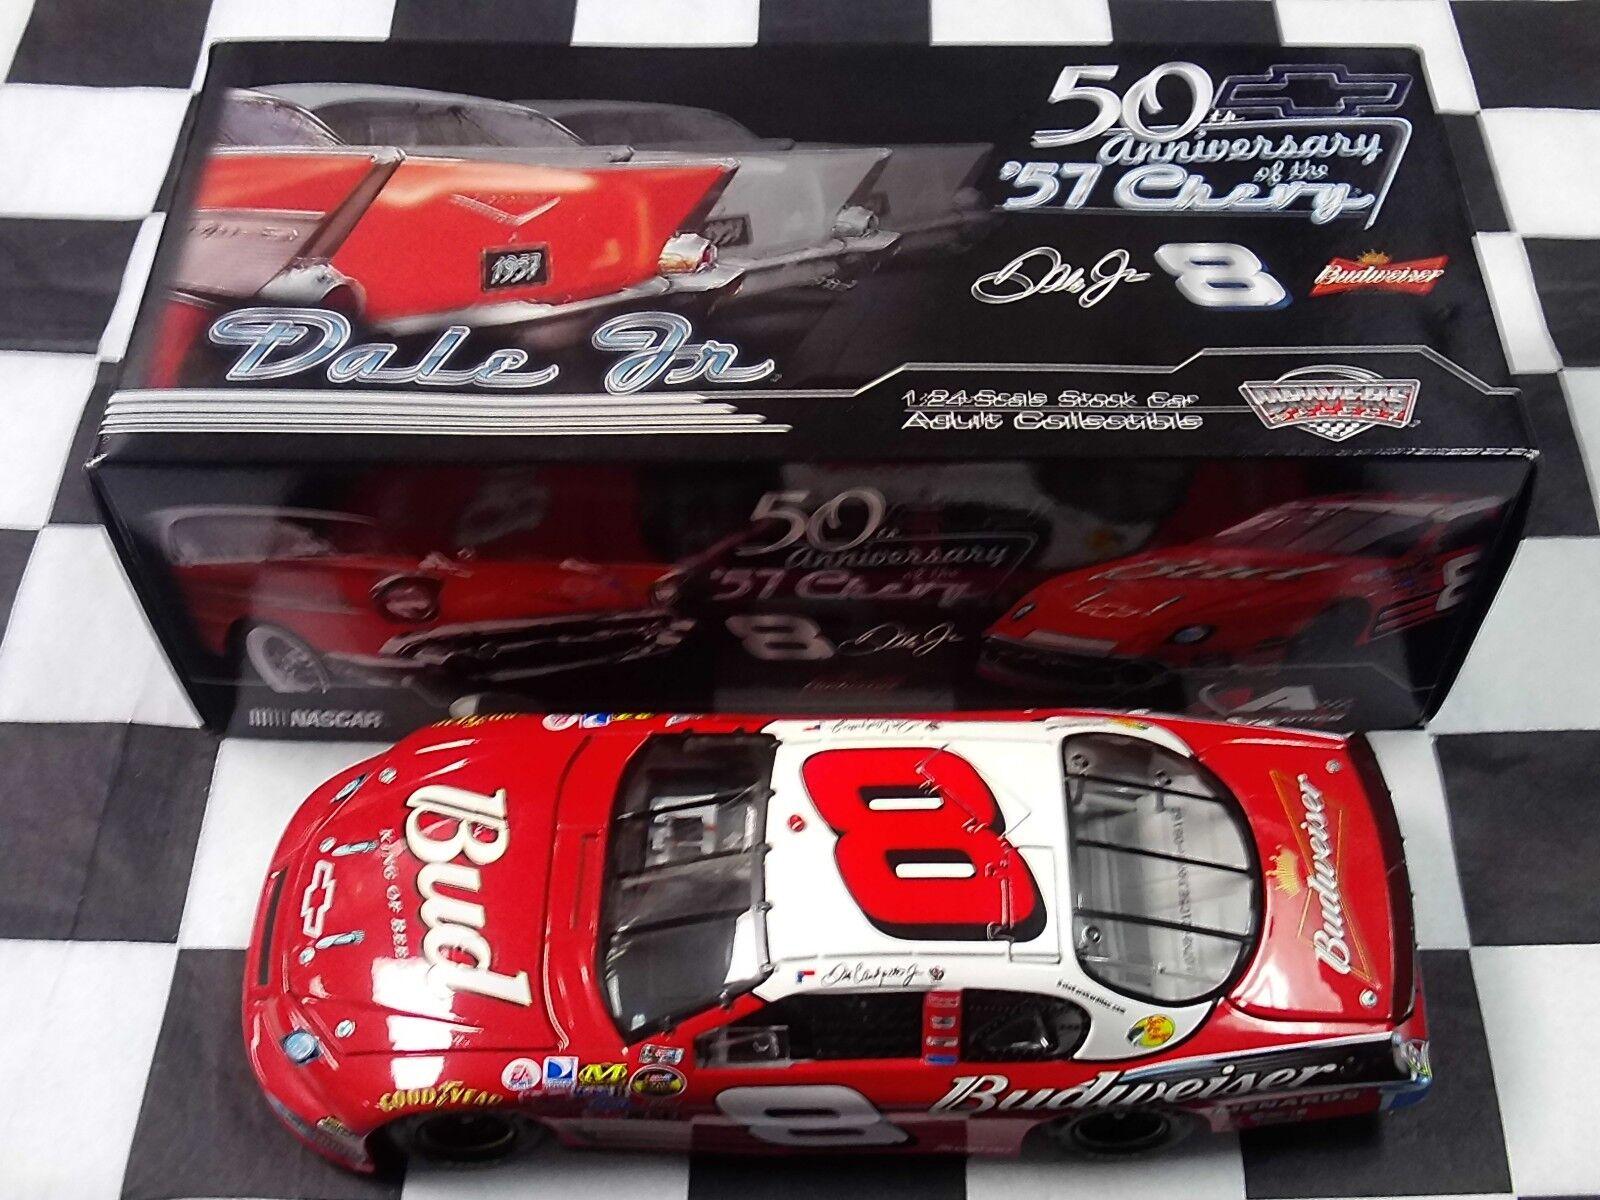 ordina adesso Dale Earnhardt Jr  8 8 8 Budweiser 57 Chevy 50th Anniversary 2007 1 24 azione NIB  consegna gratuita e veloce disponibile